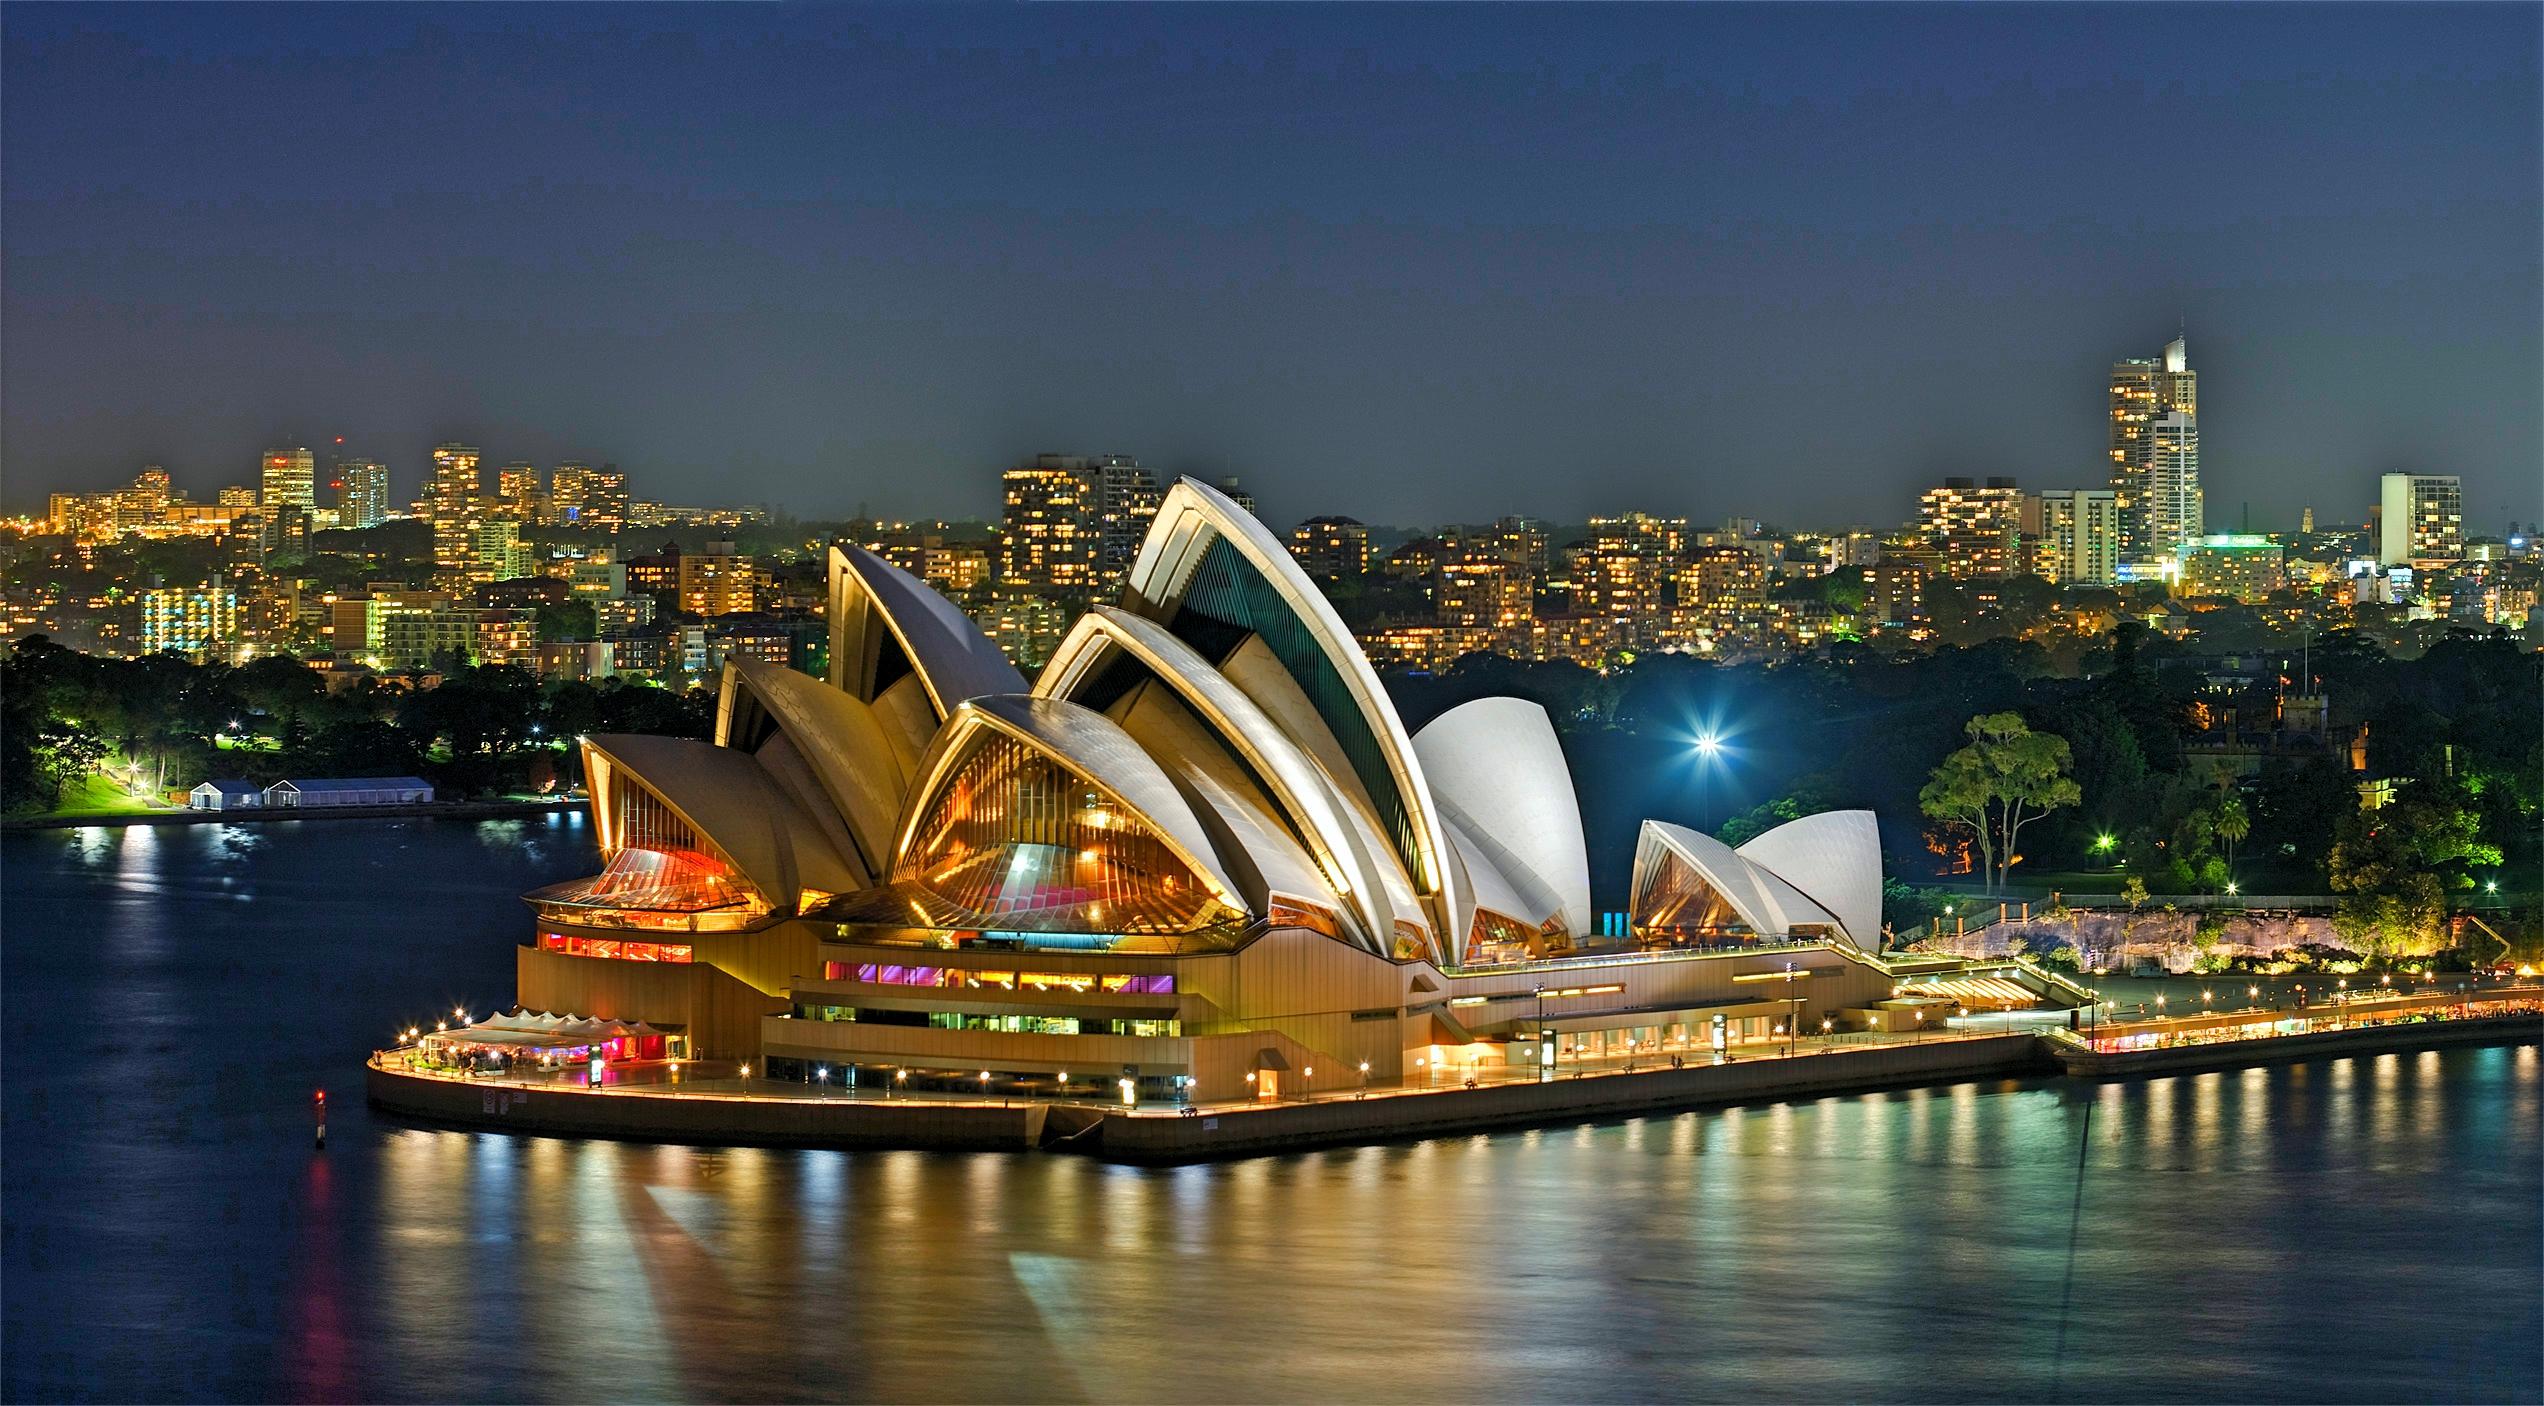 Sydney Opera House-Sydney, Australia-by night